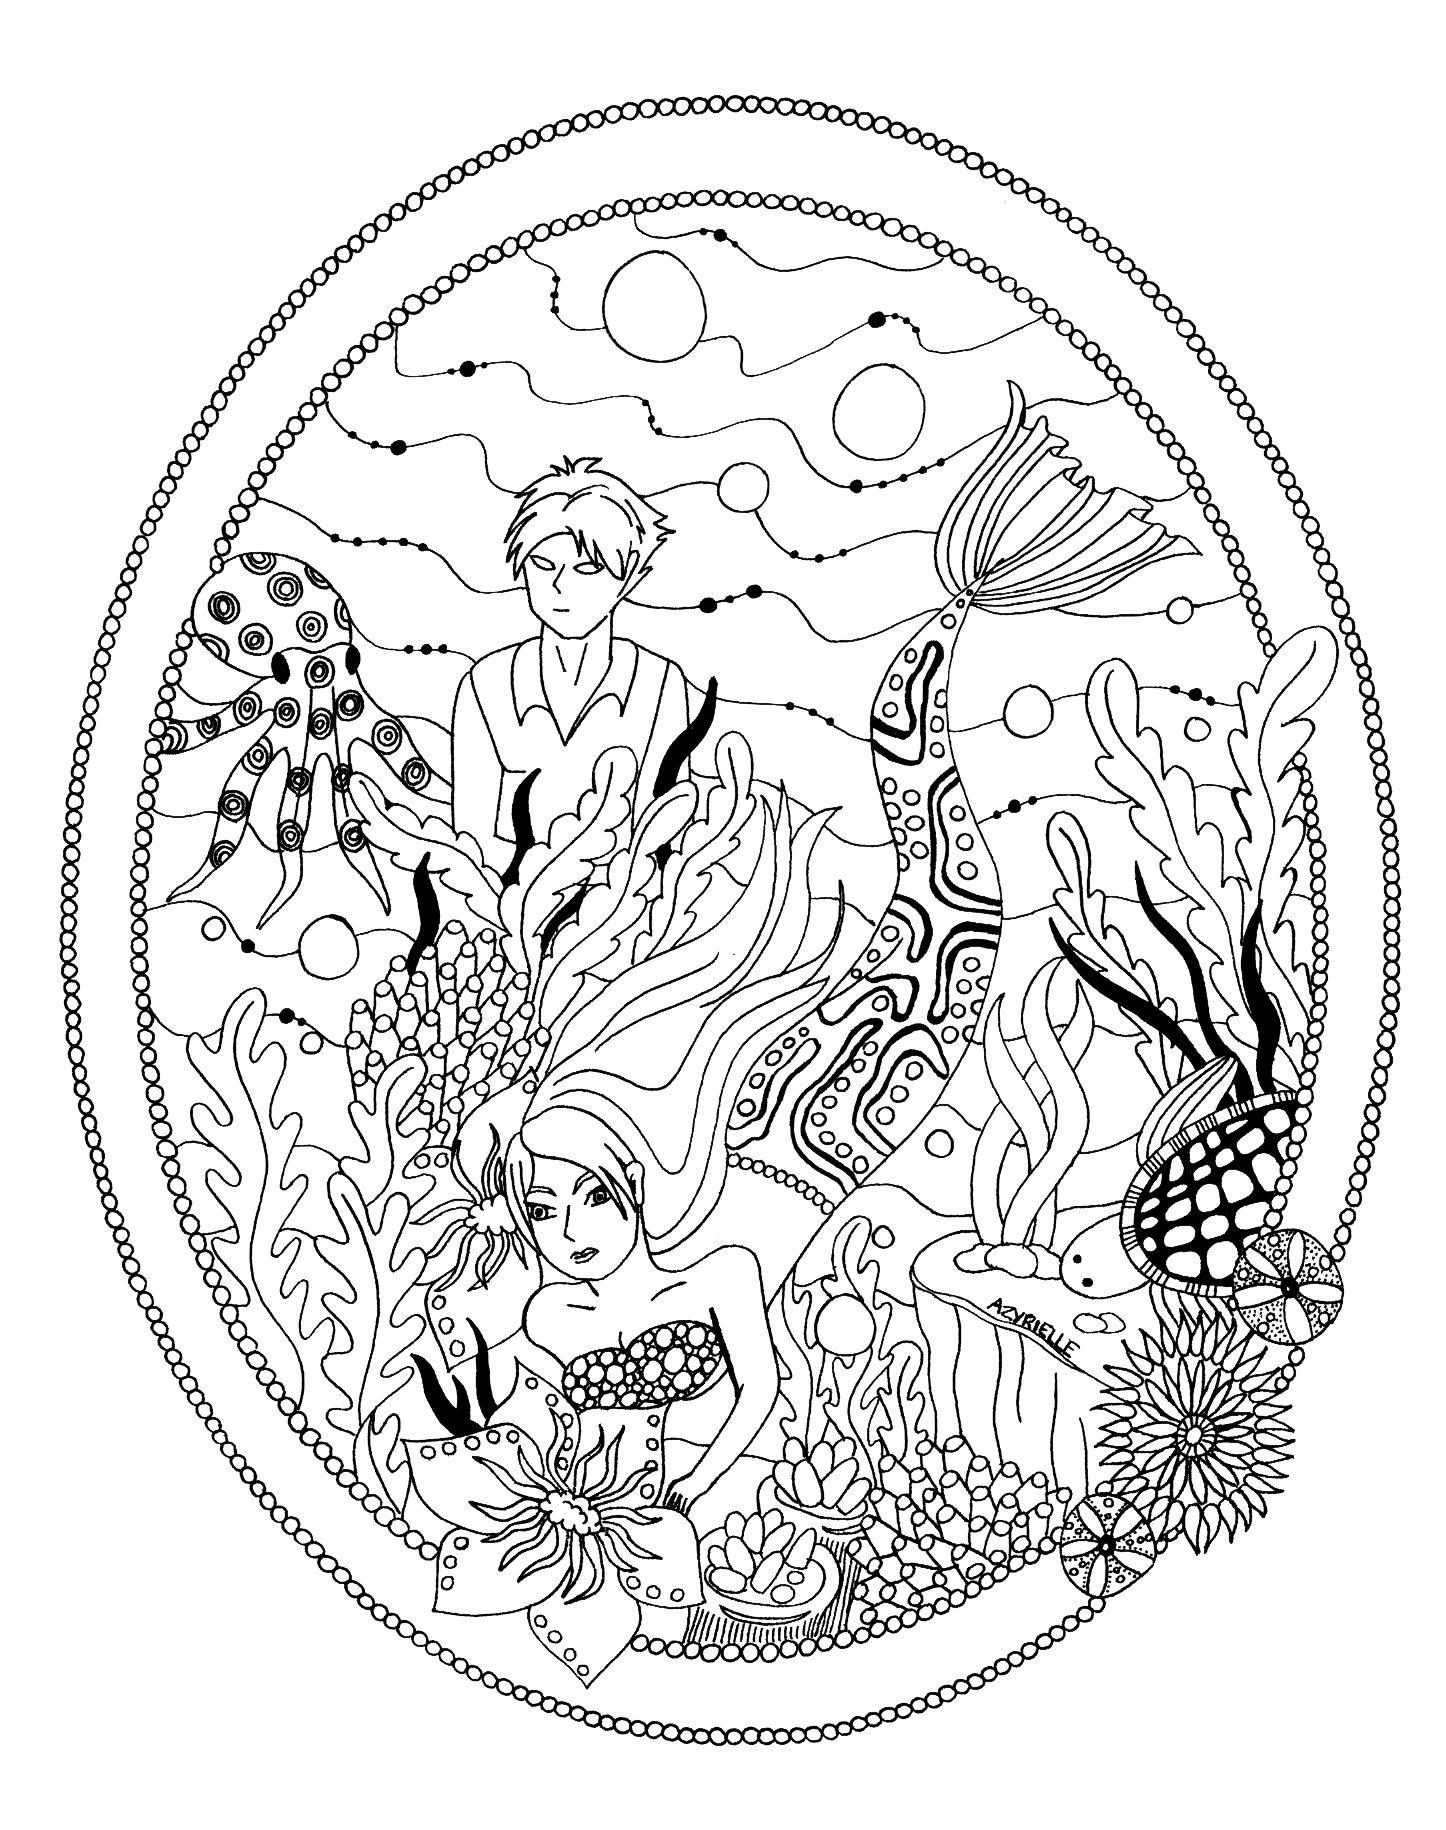 Disegni da colorare per adulti : Water worlds - 20